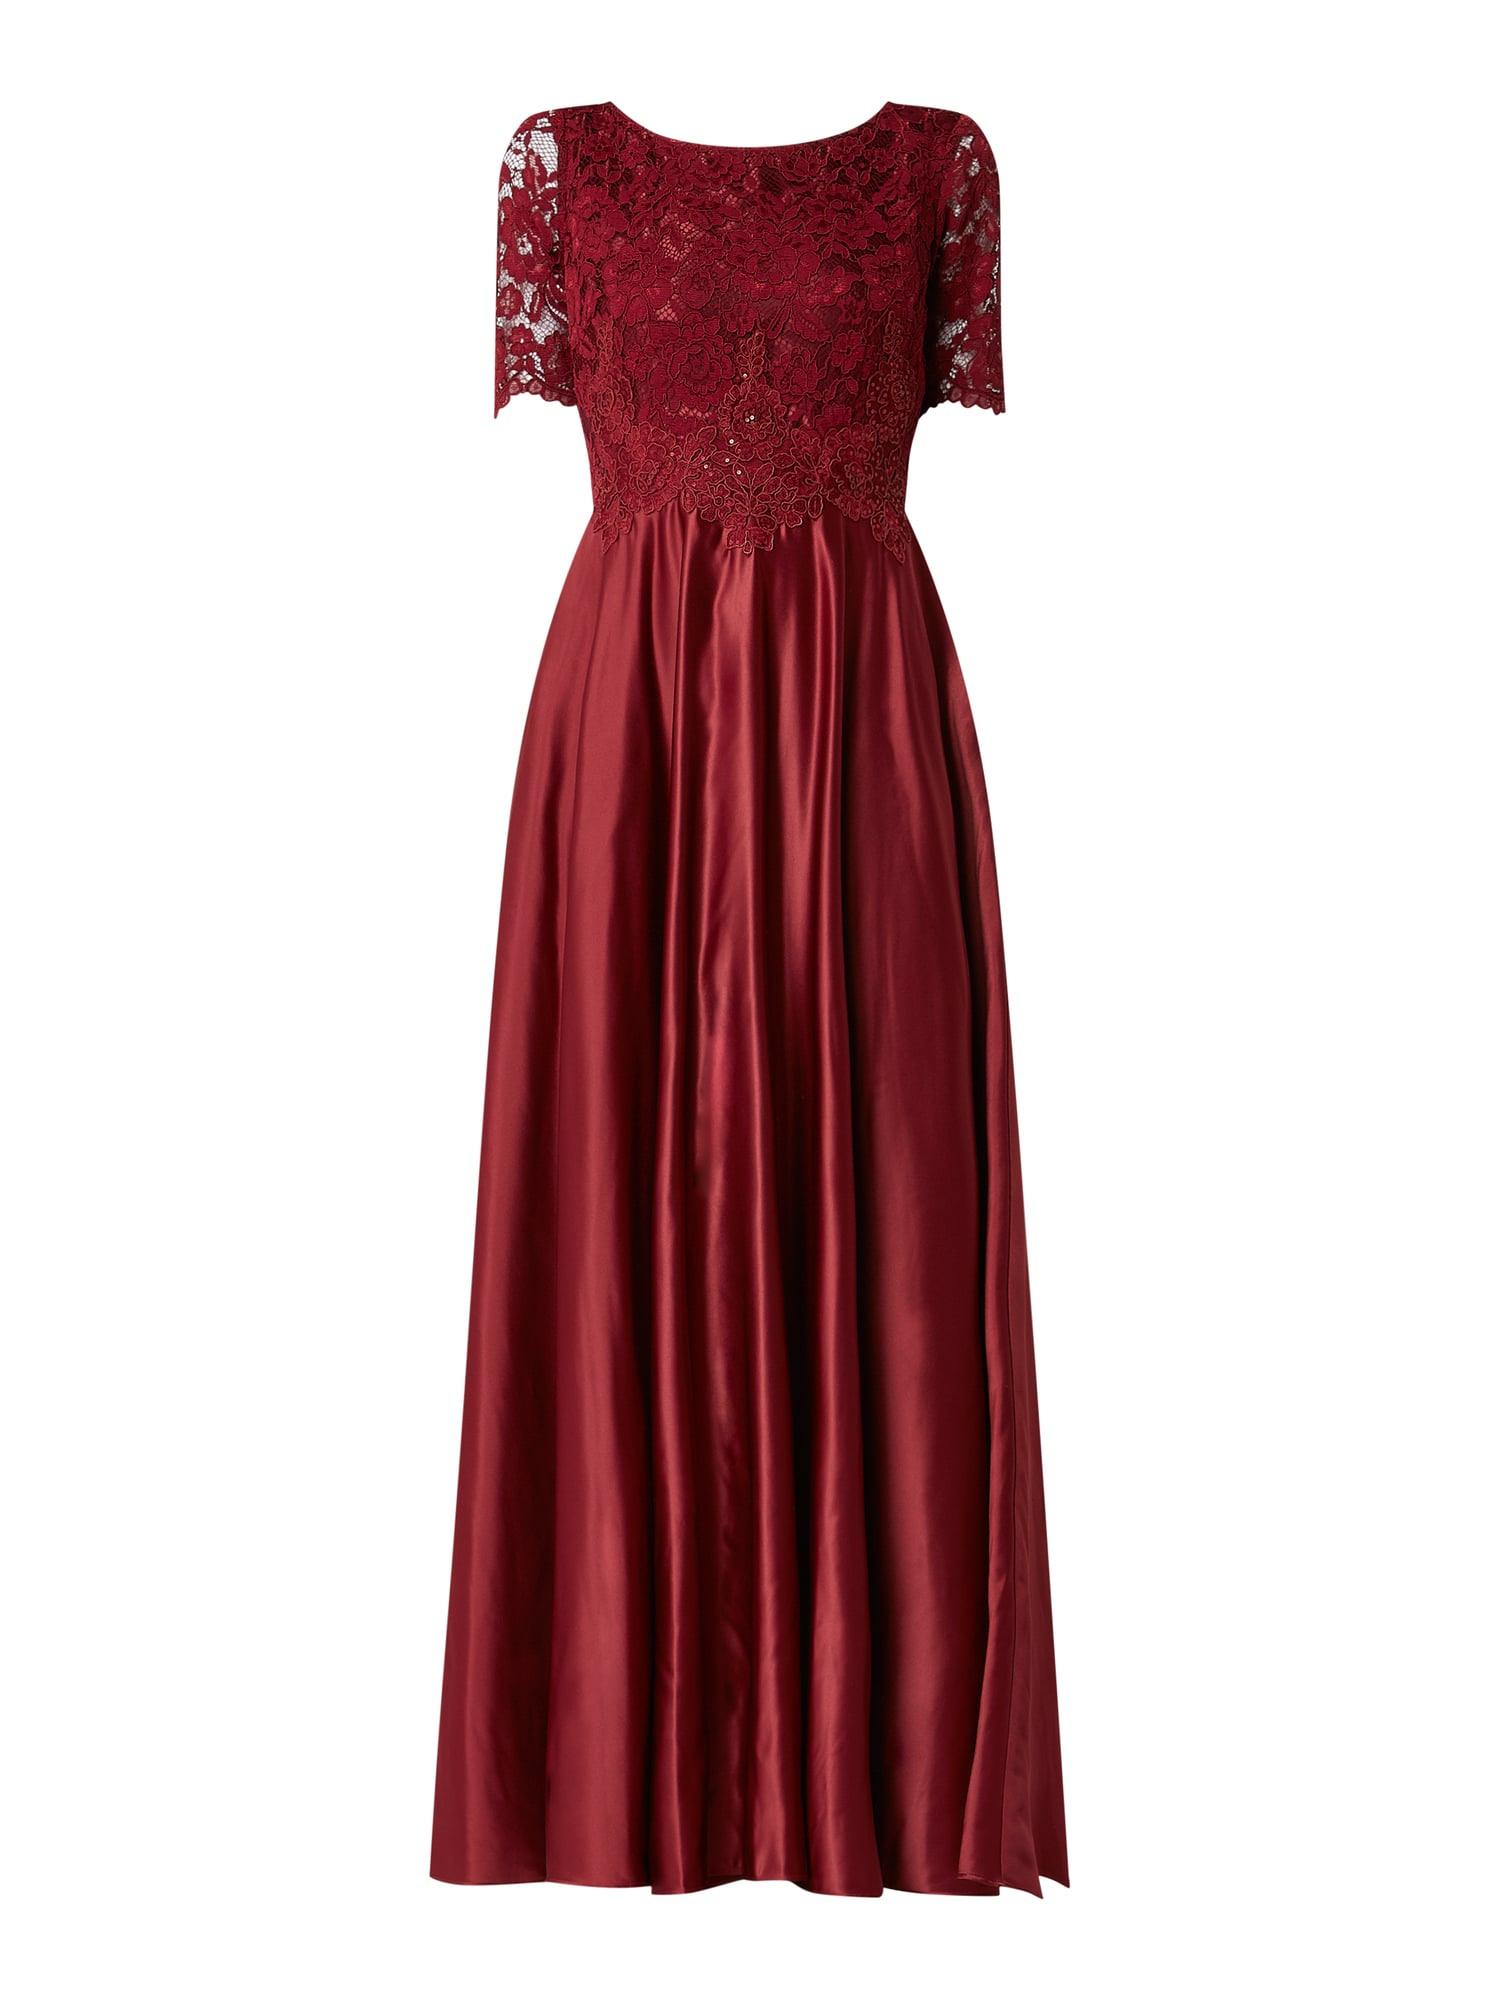 13 Schön Vera Mont Abendkleid Rot Galerie15 Genial Vera Mont Abendkleid Rot Ärmel